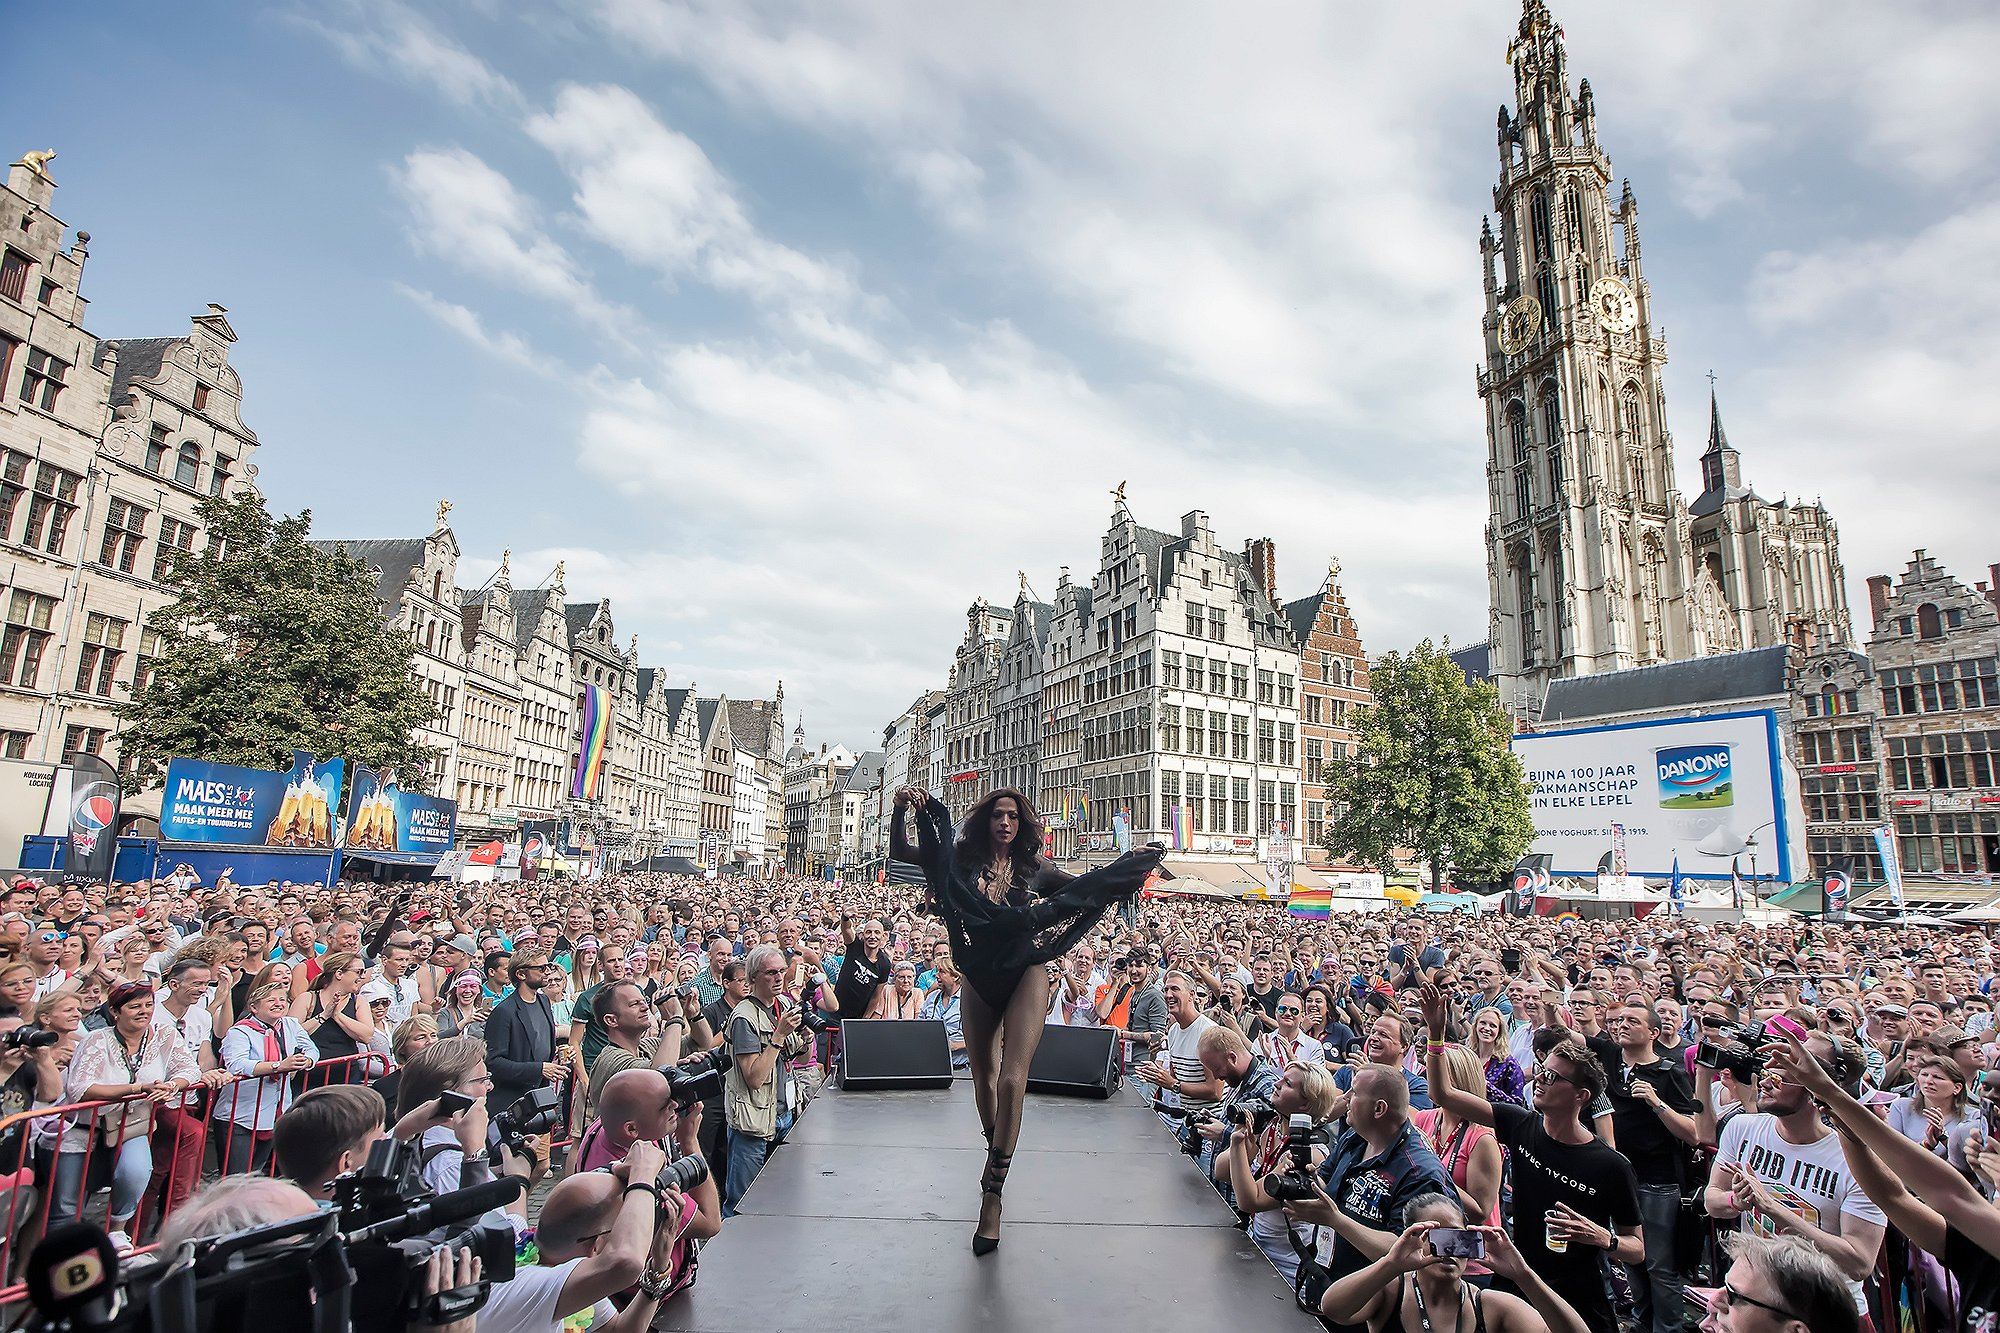 Op naar de volgende: Antwerpen viert dit weekend 10-jarig jubileum Pride